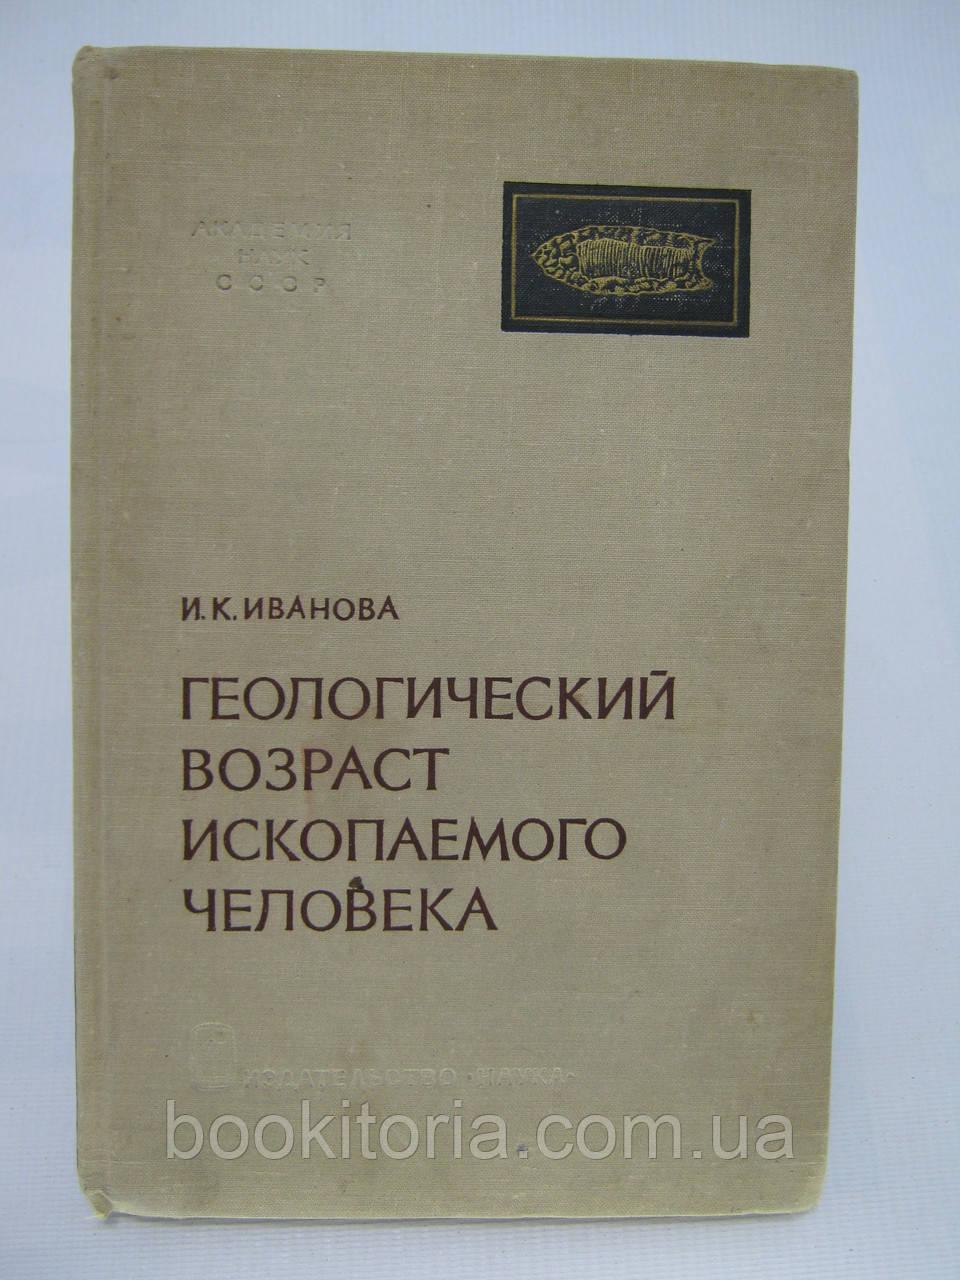 Иванова И.К. Геологический возраст ископаемого человека (б/у).